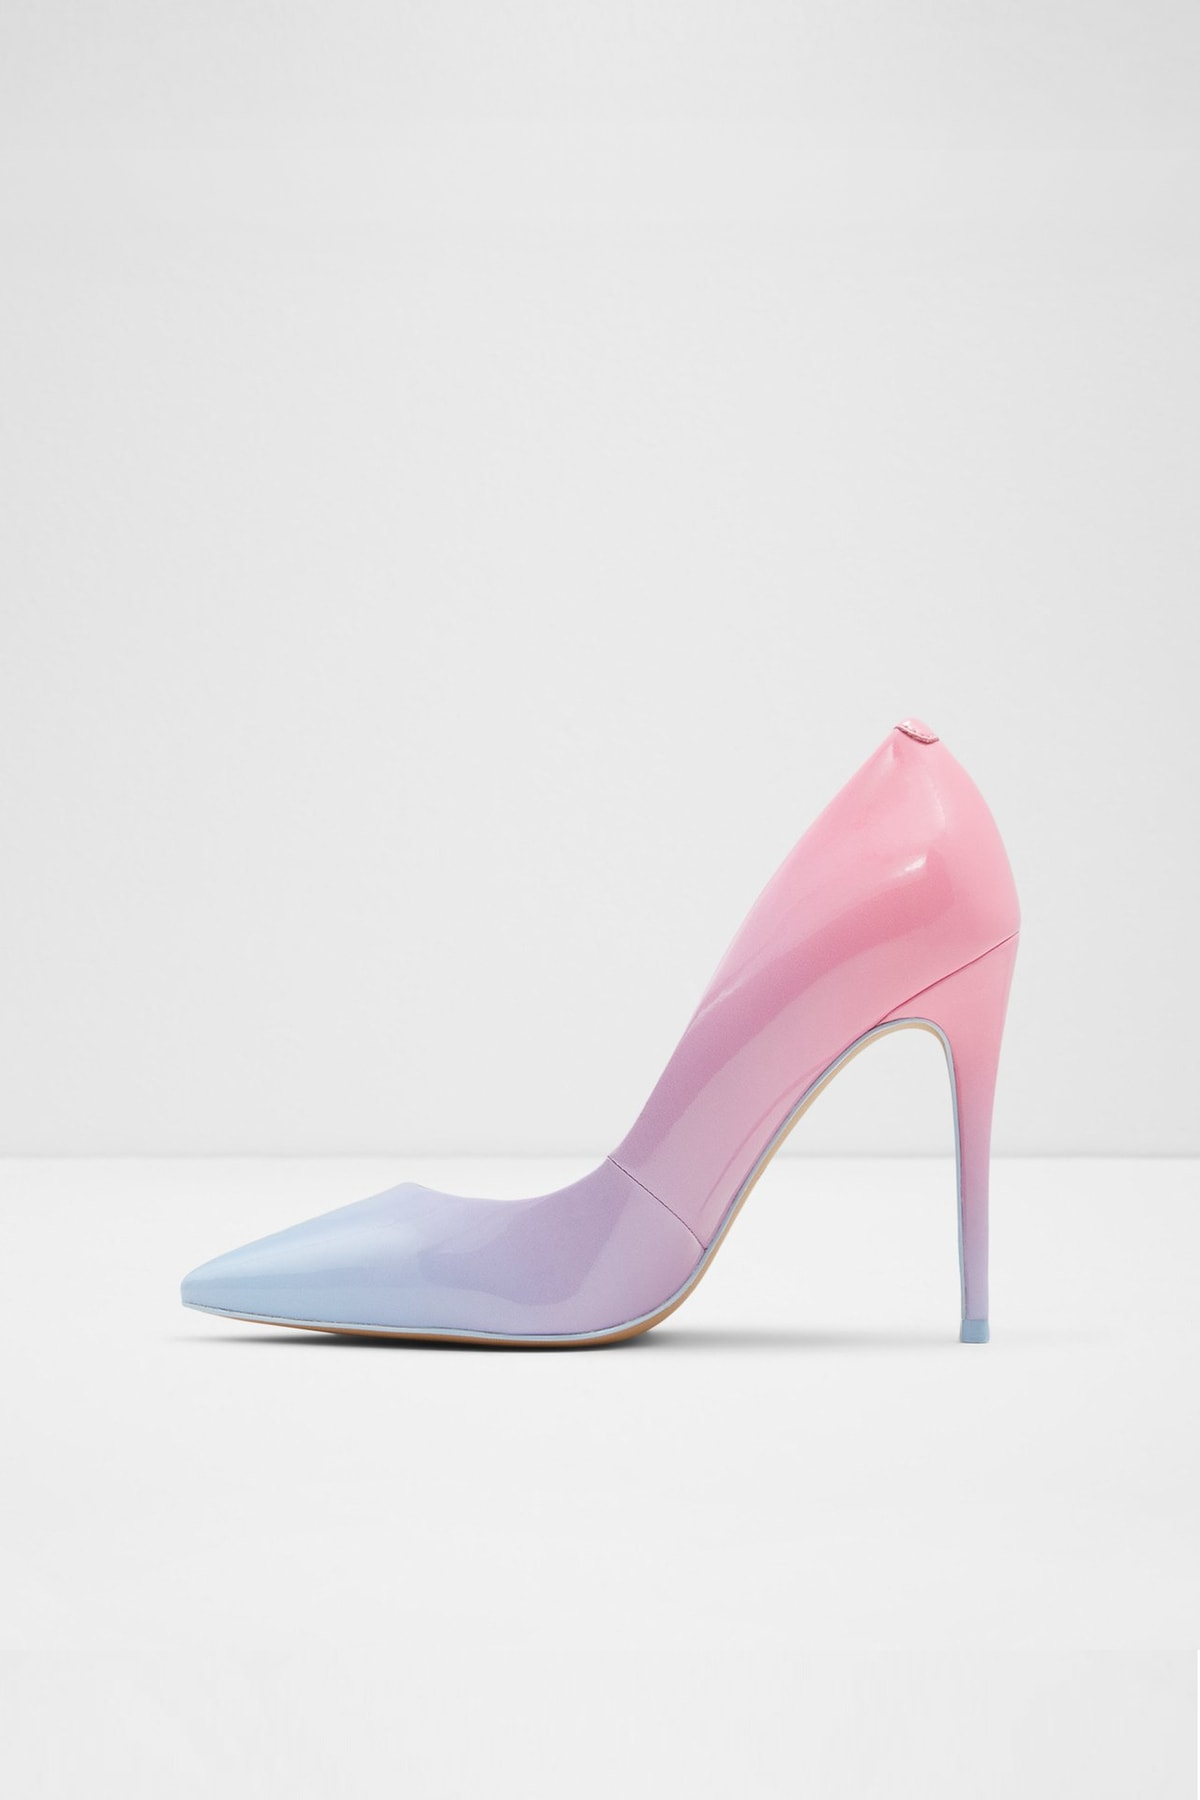 Aldo Kadın Pembe Topuklu Ayakkabı 1